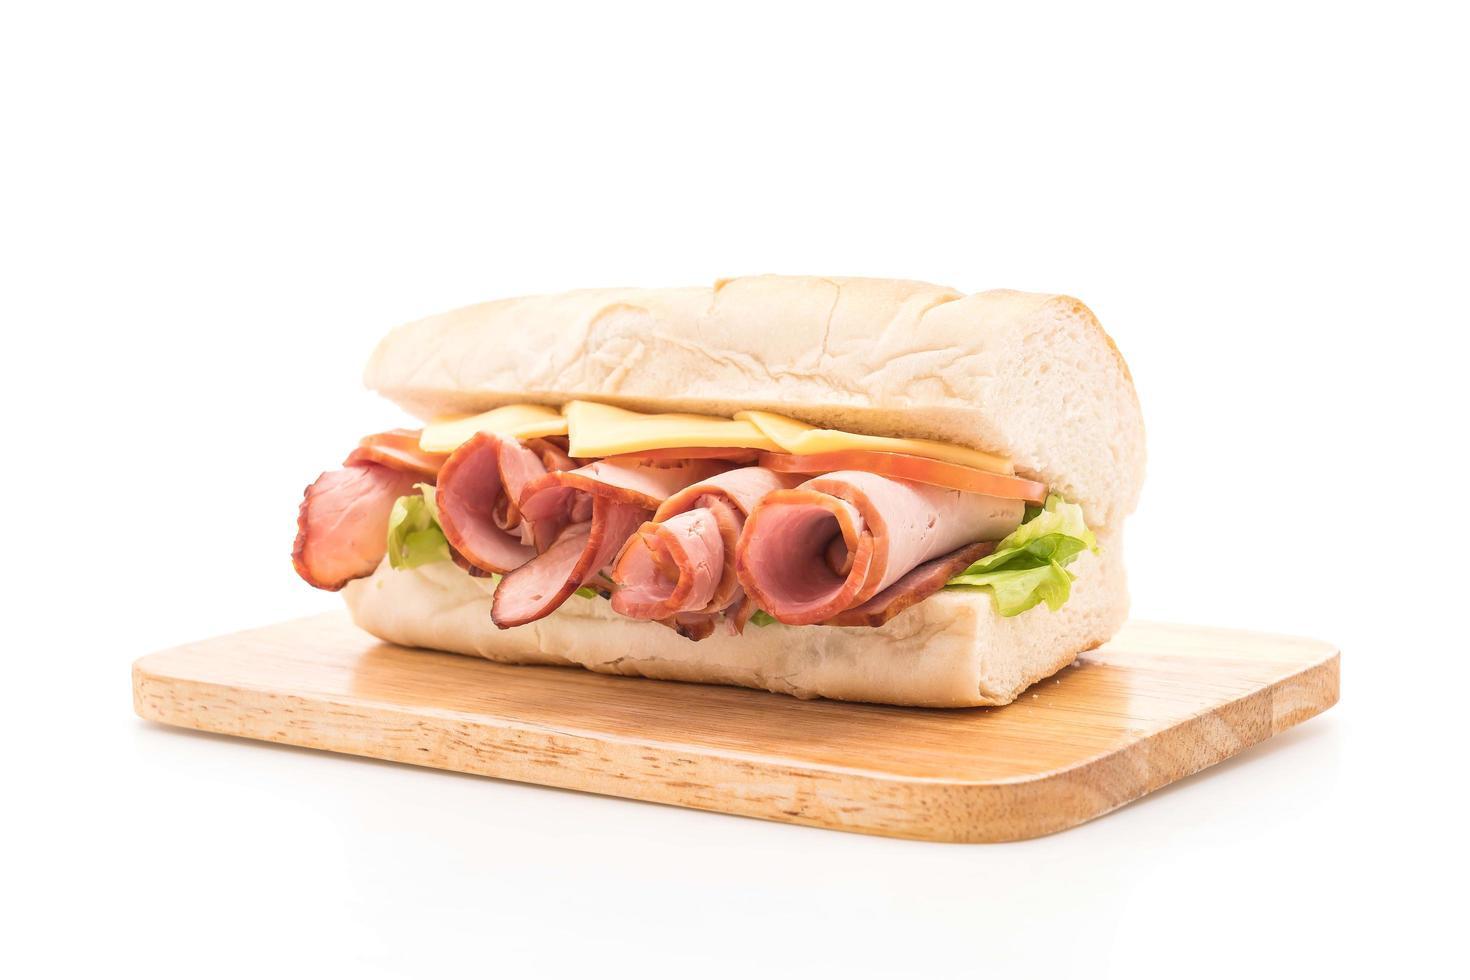 sándwich submarino de jamón y ensalada foto